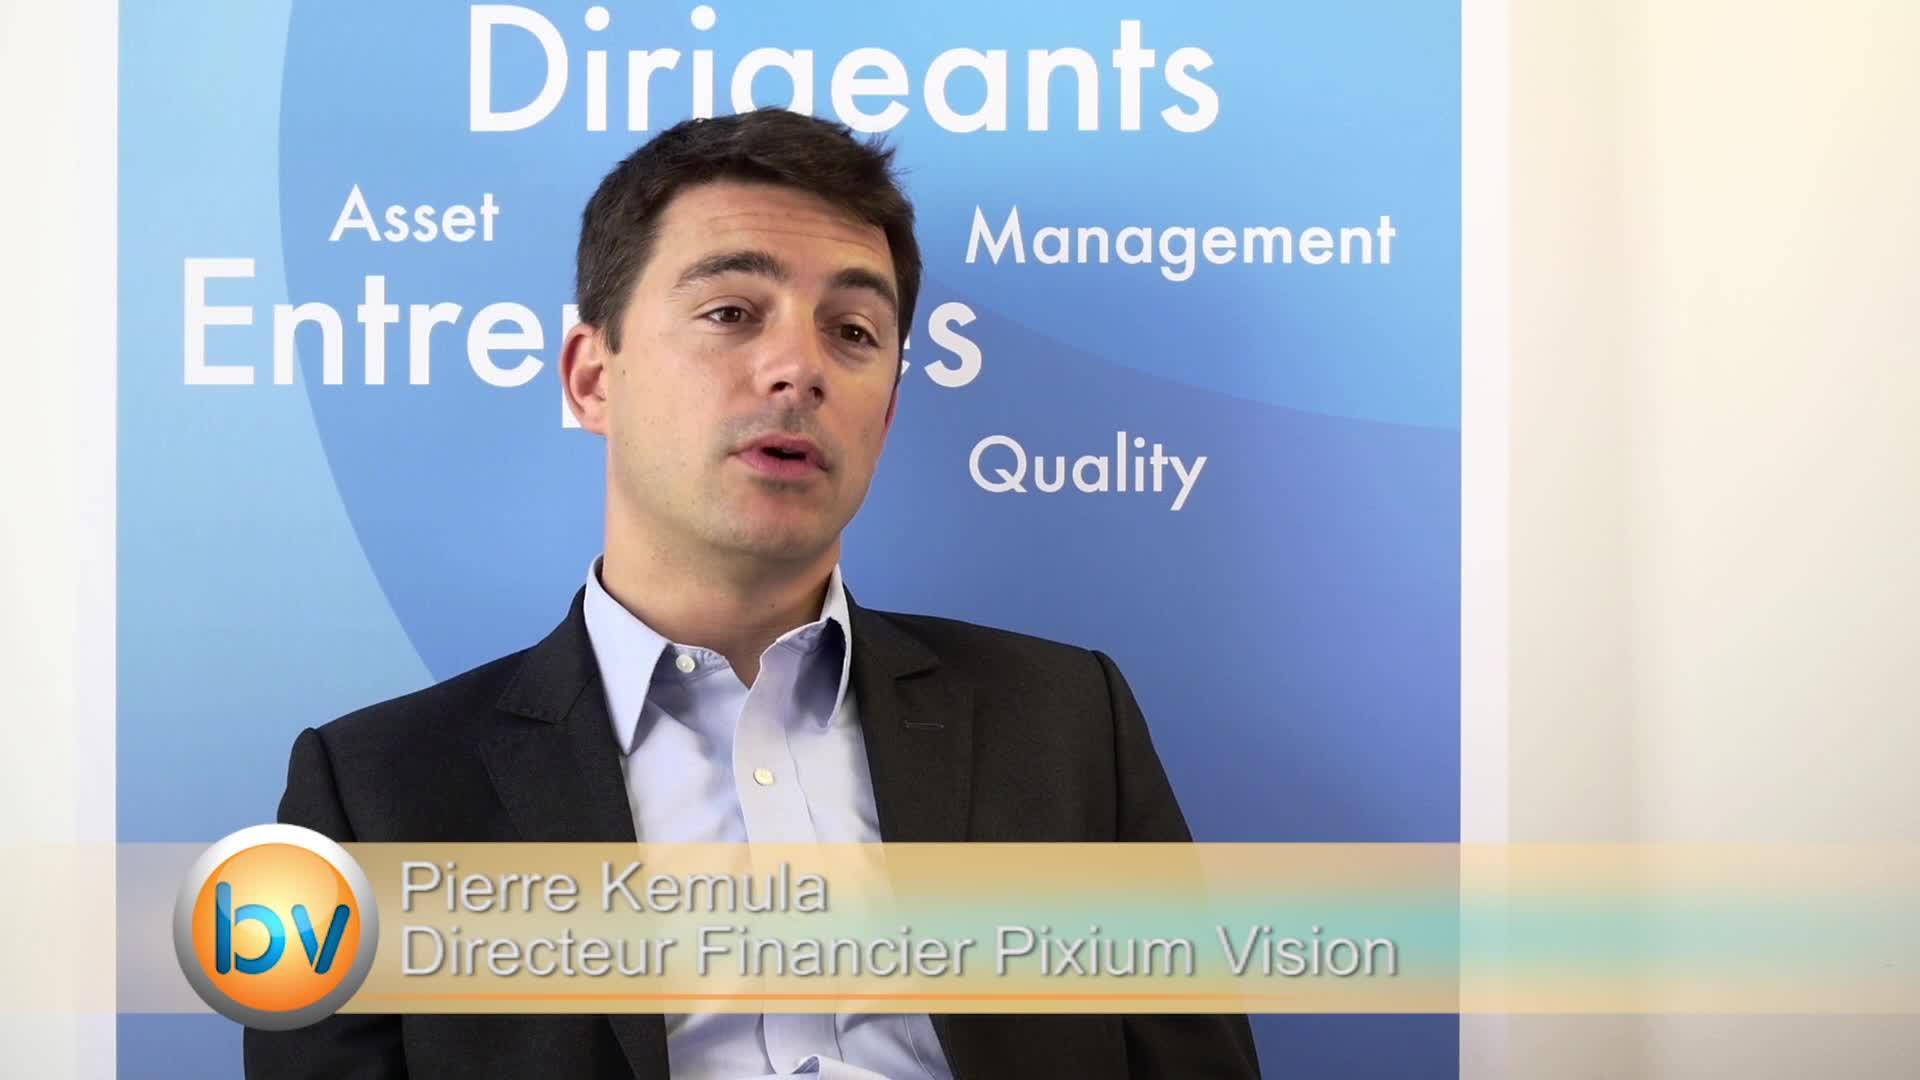 Pierre Kemula Directeur Financier Pixium Vision : «Dans quelques mois nous devrions avoir plus de confort sur le fonctionnement de Prima»